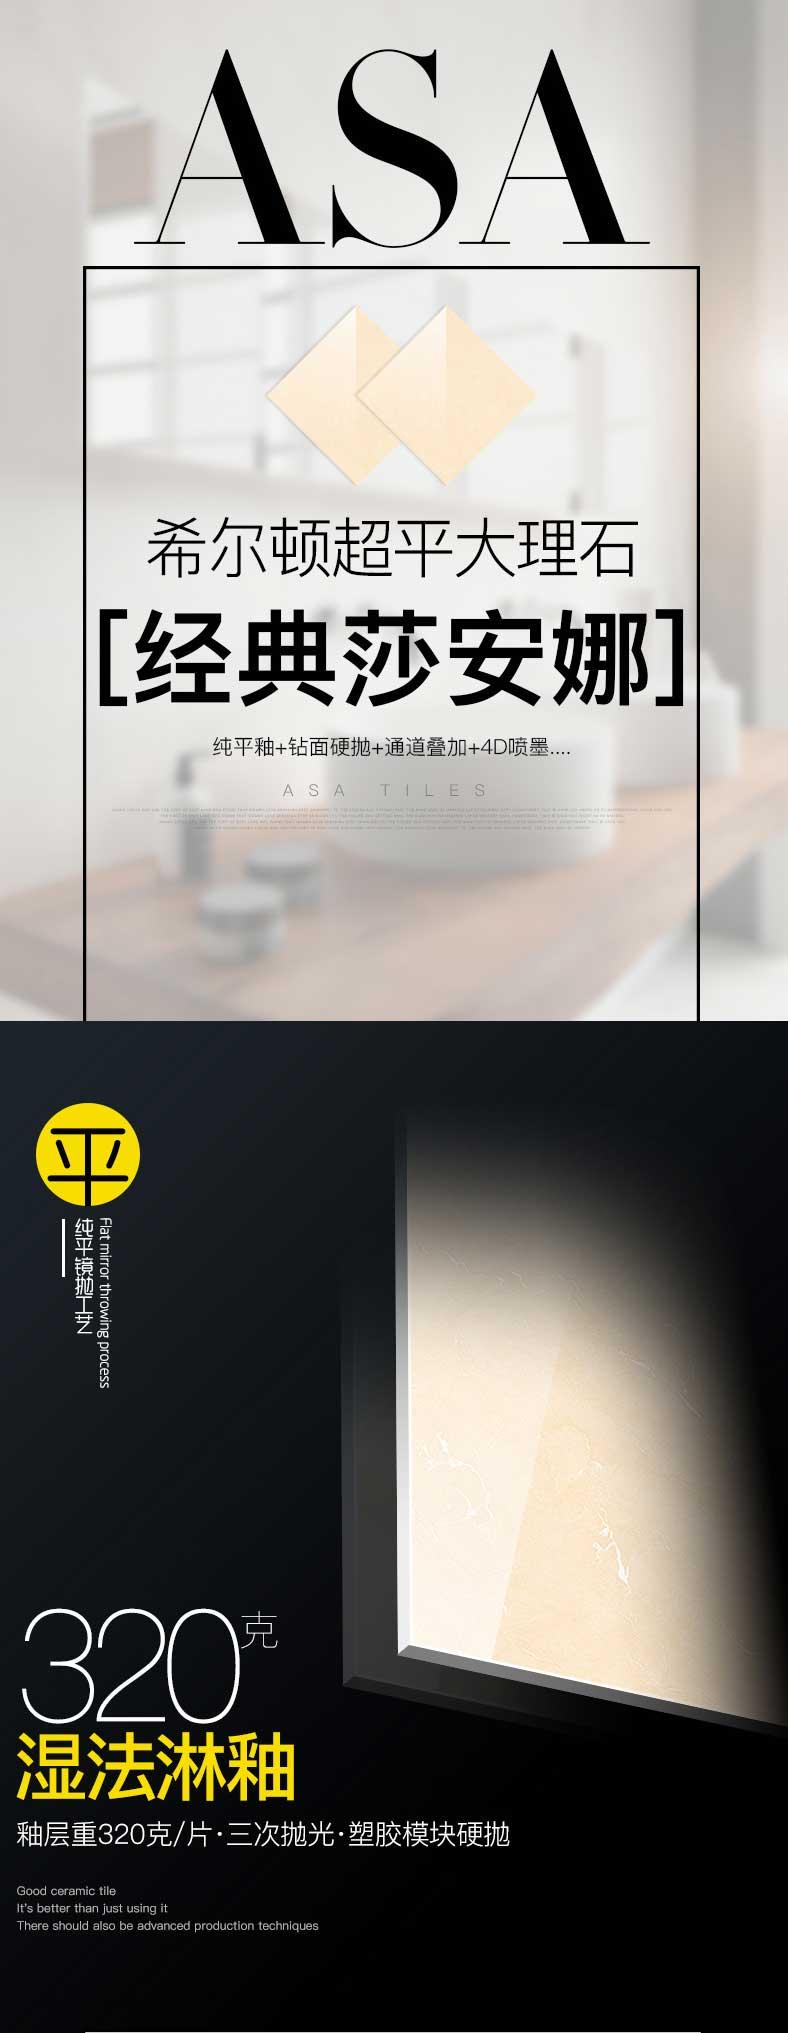 亚细亚瓷砖-客厅防滑地砖-经典莎安娜_01.jpg